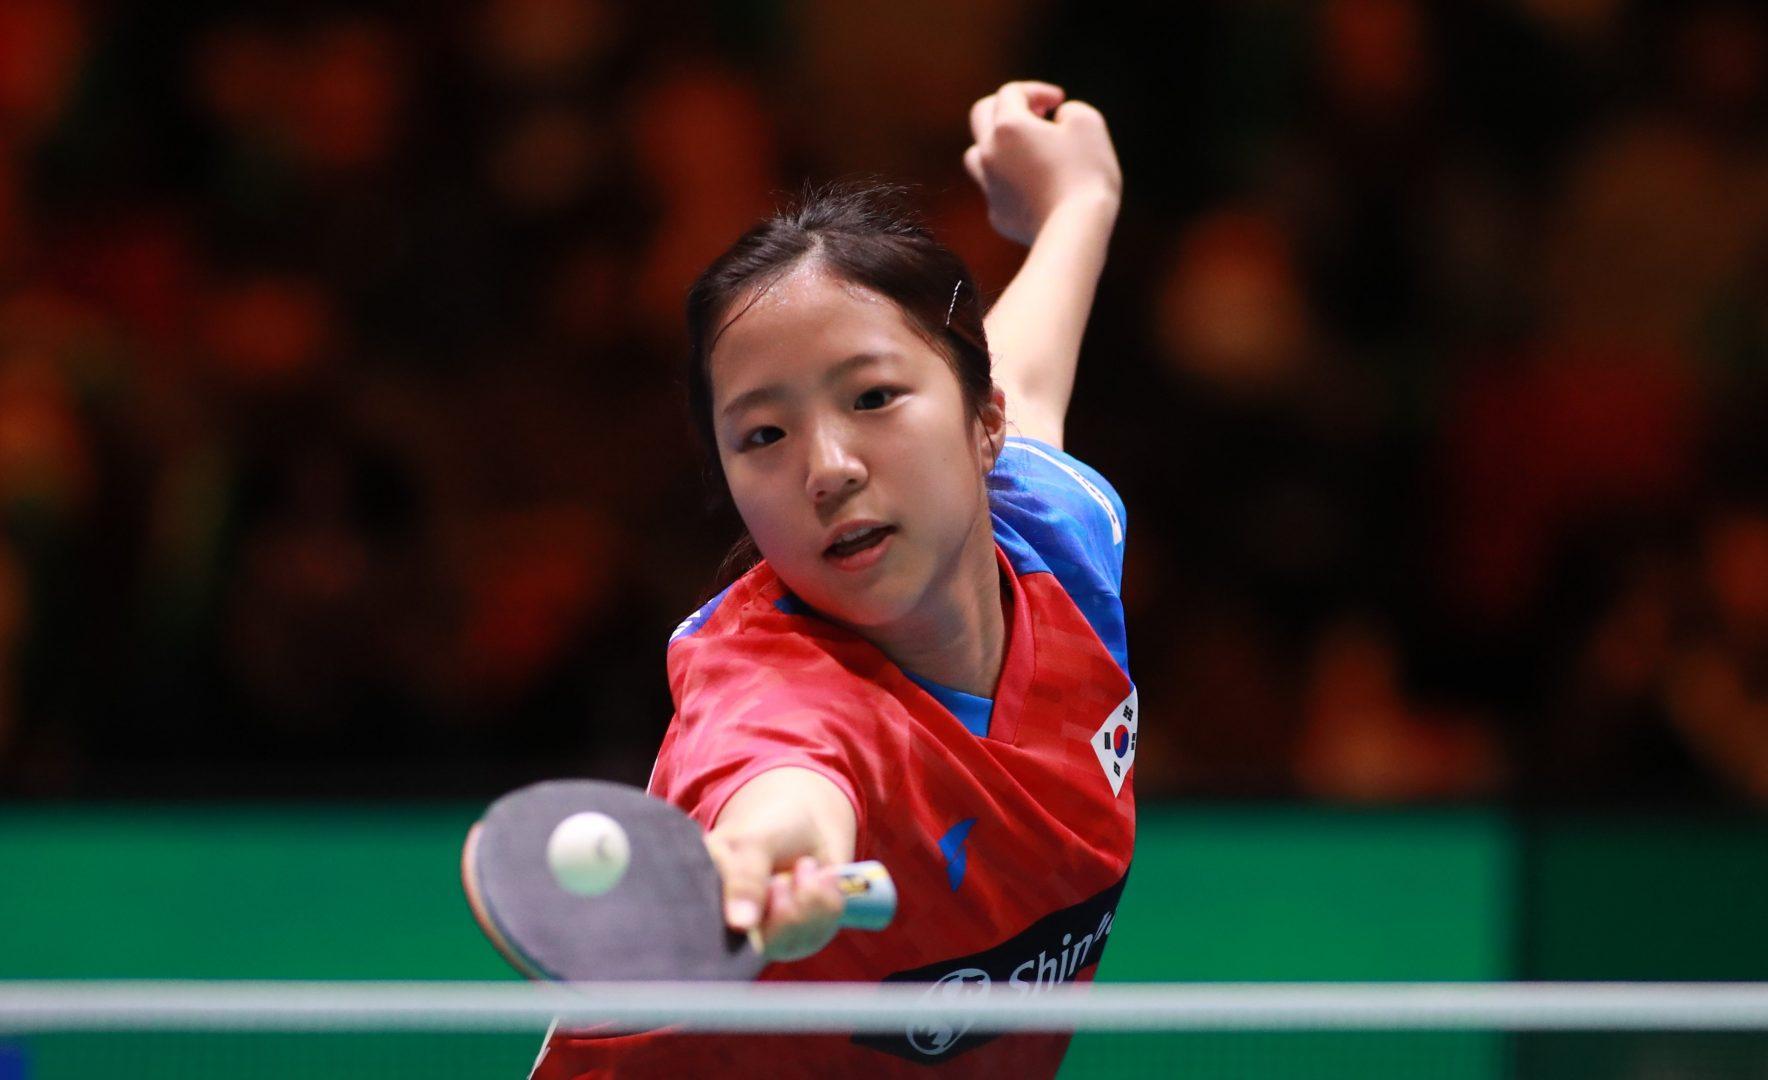 韓国の天才卓球少女・申裕斌、笑顔で中学卒業 水谷/伊藤ペア下した逸材